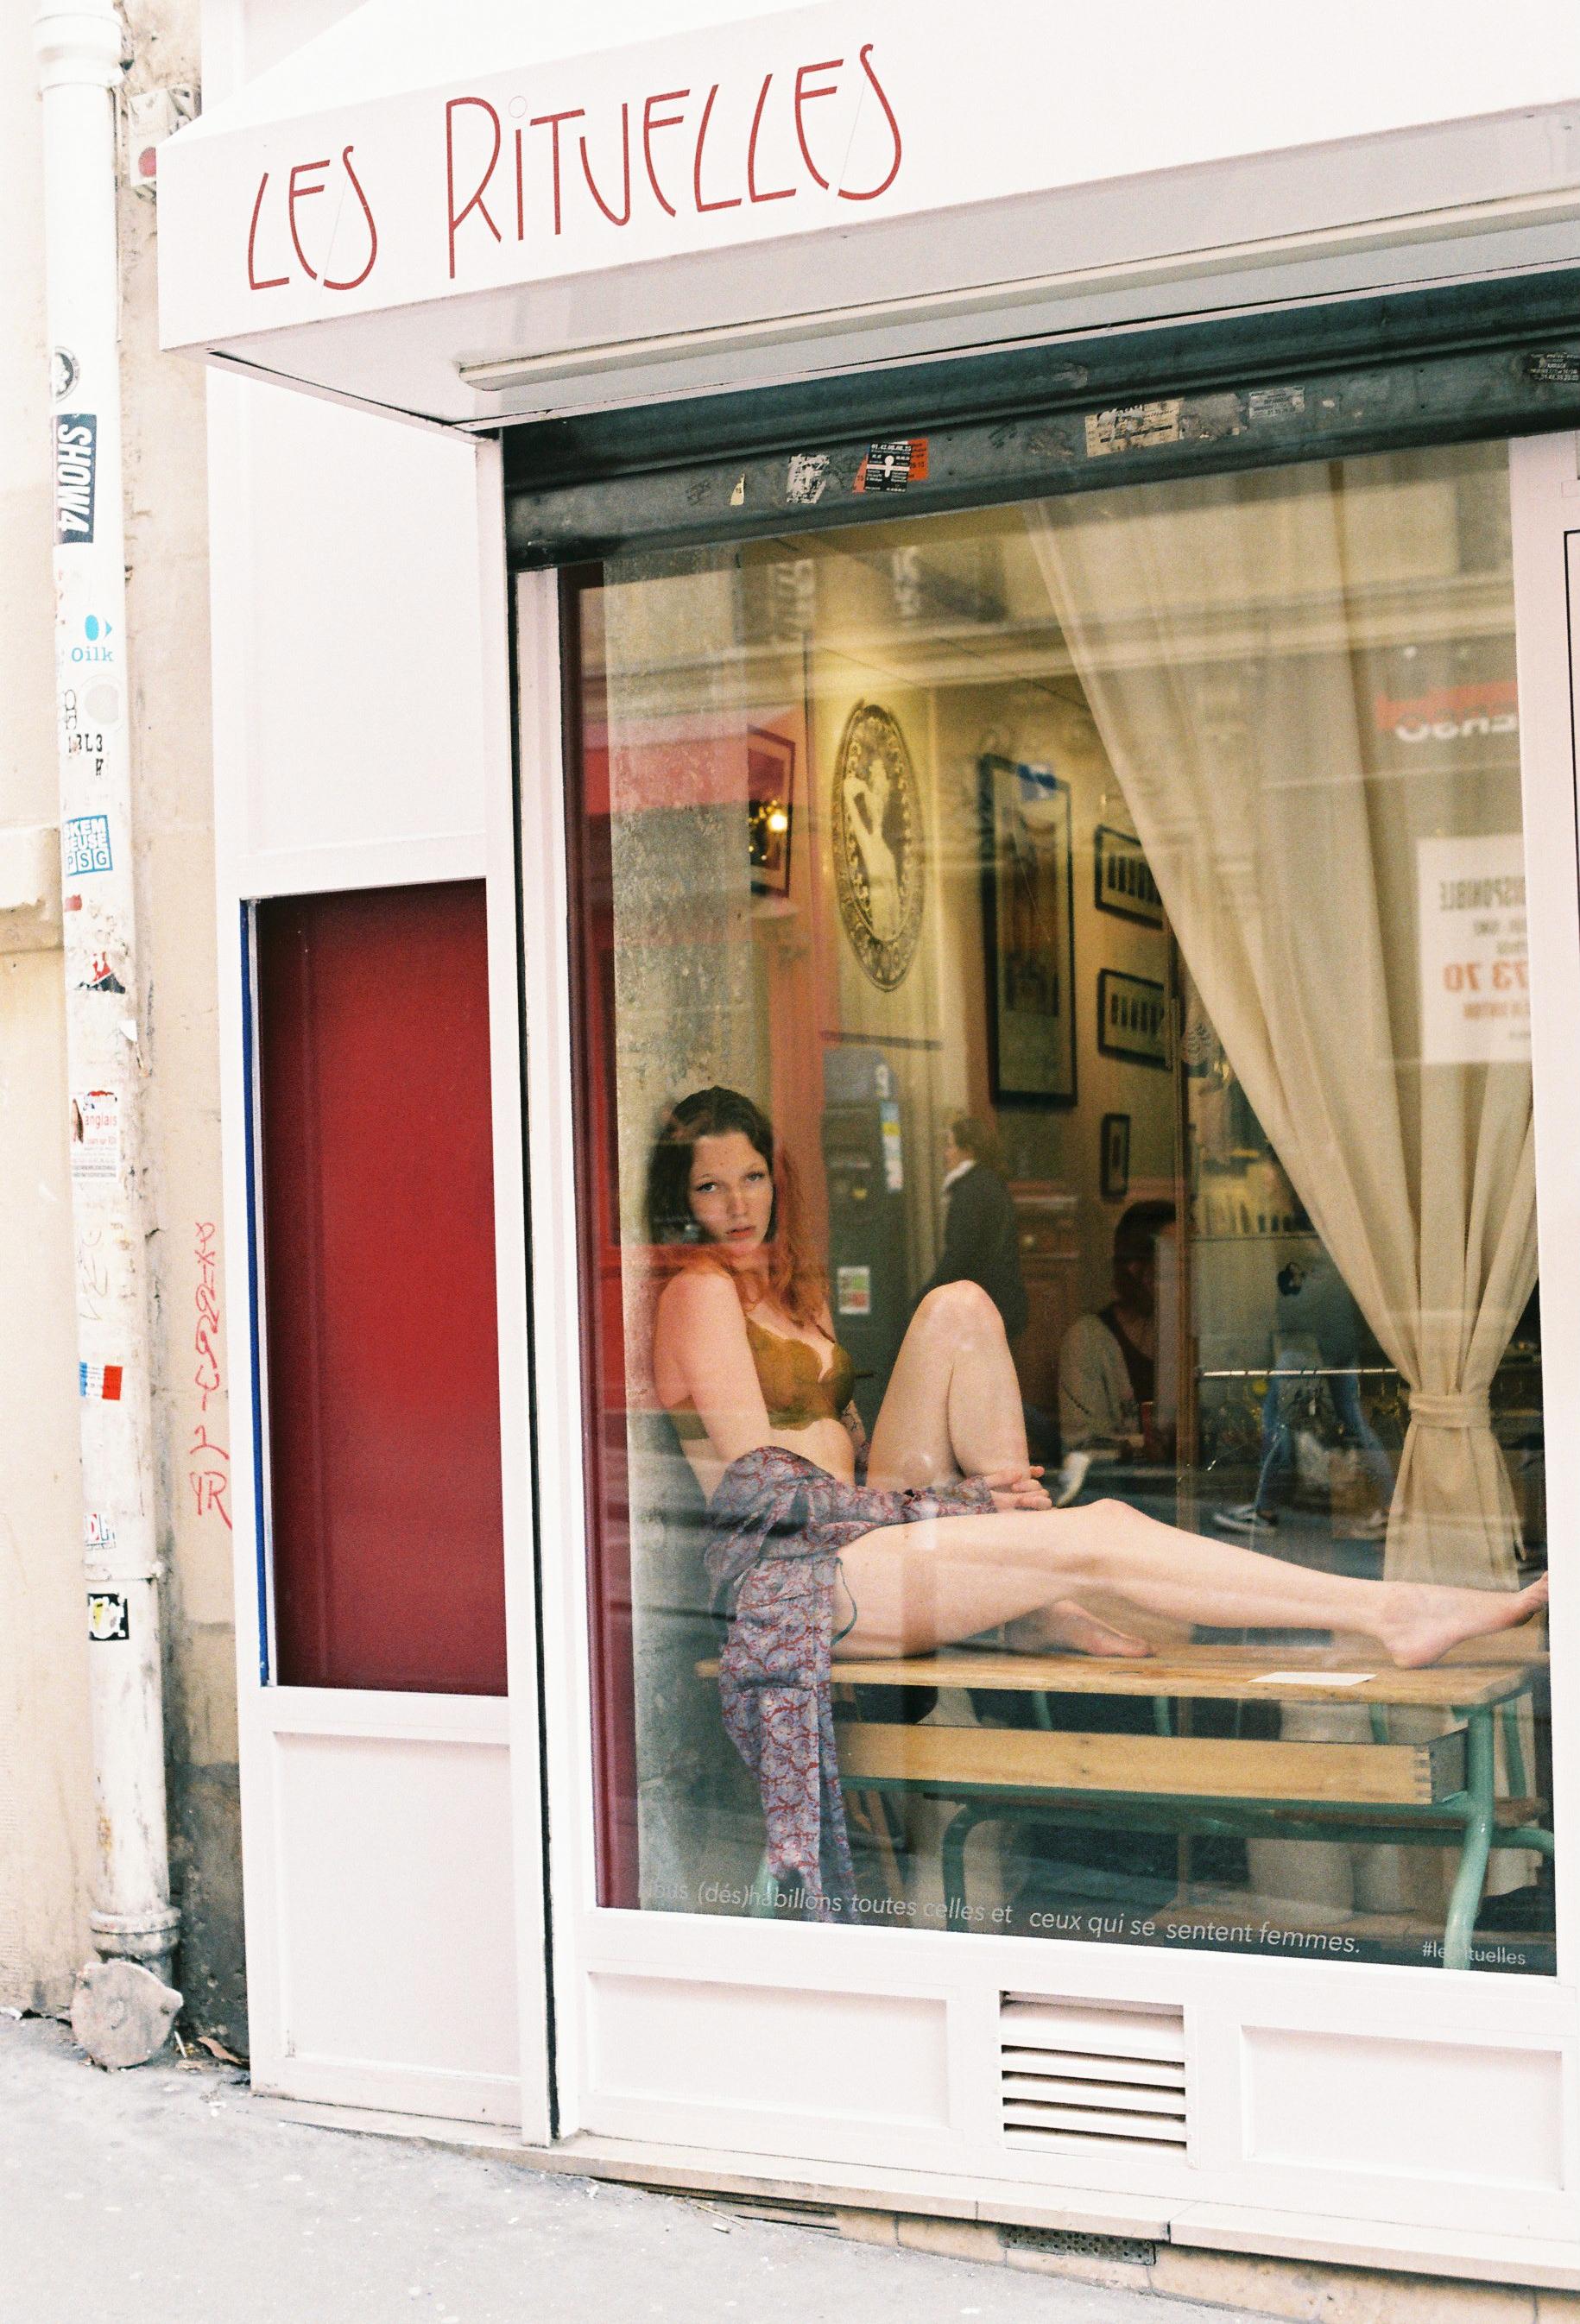 les rituelles lingerie fine dentelle mrmiss eshop pigalle paris_07.jpg